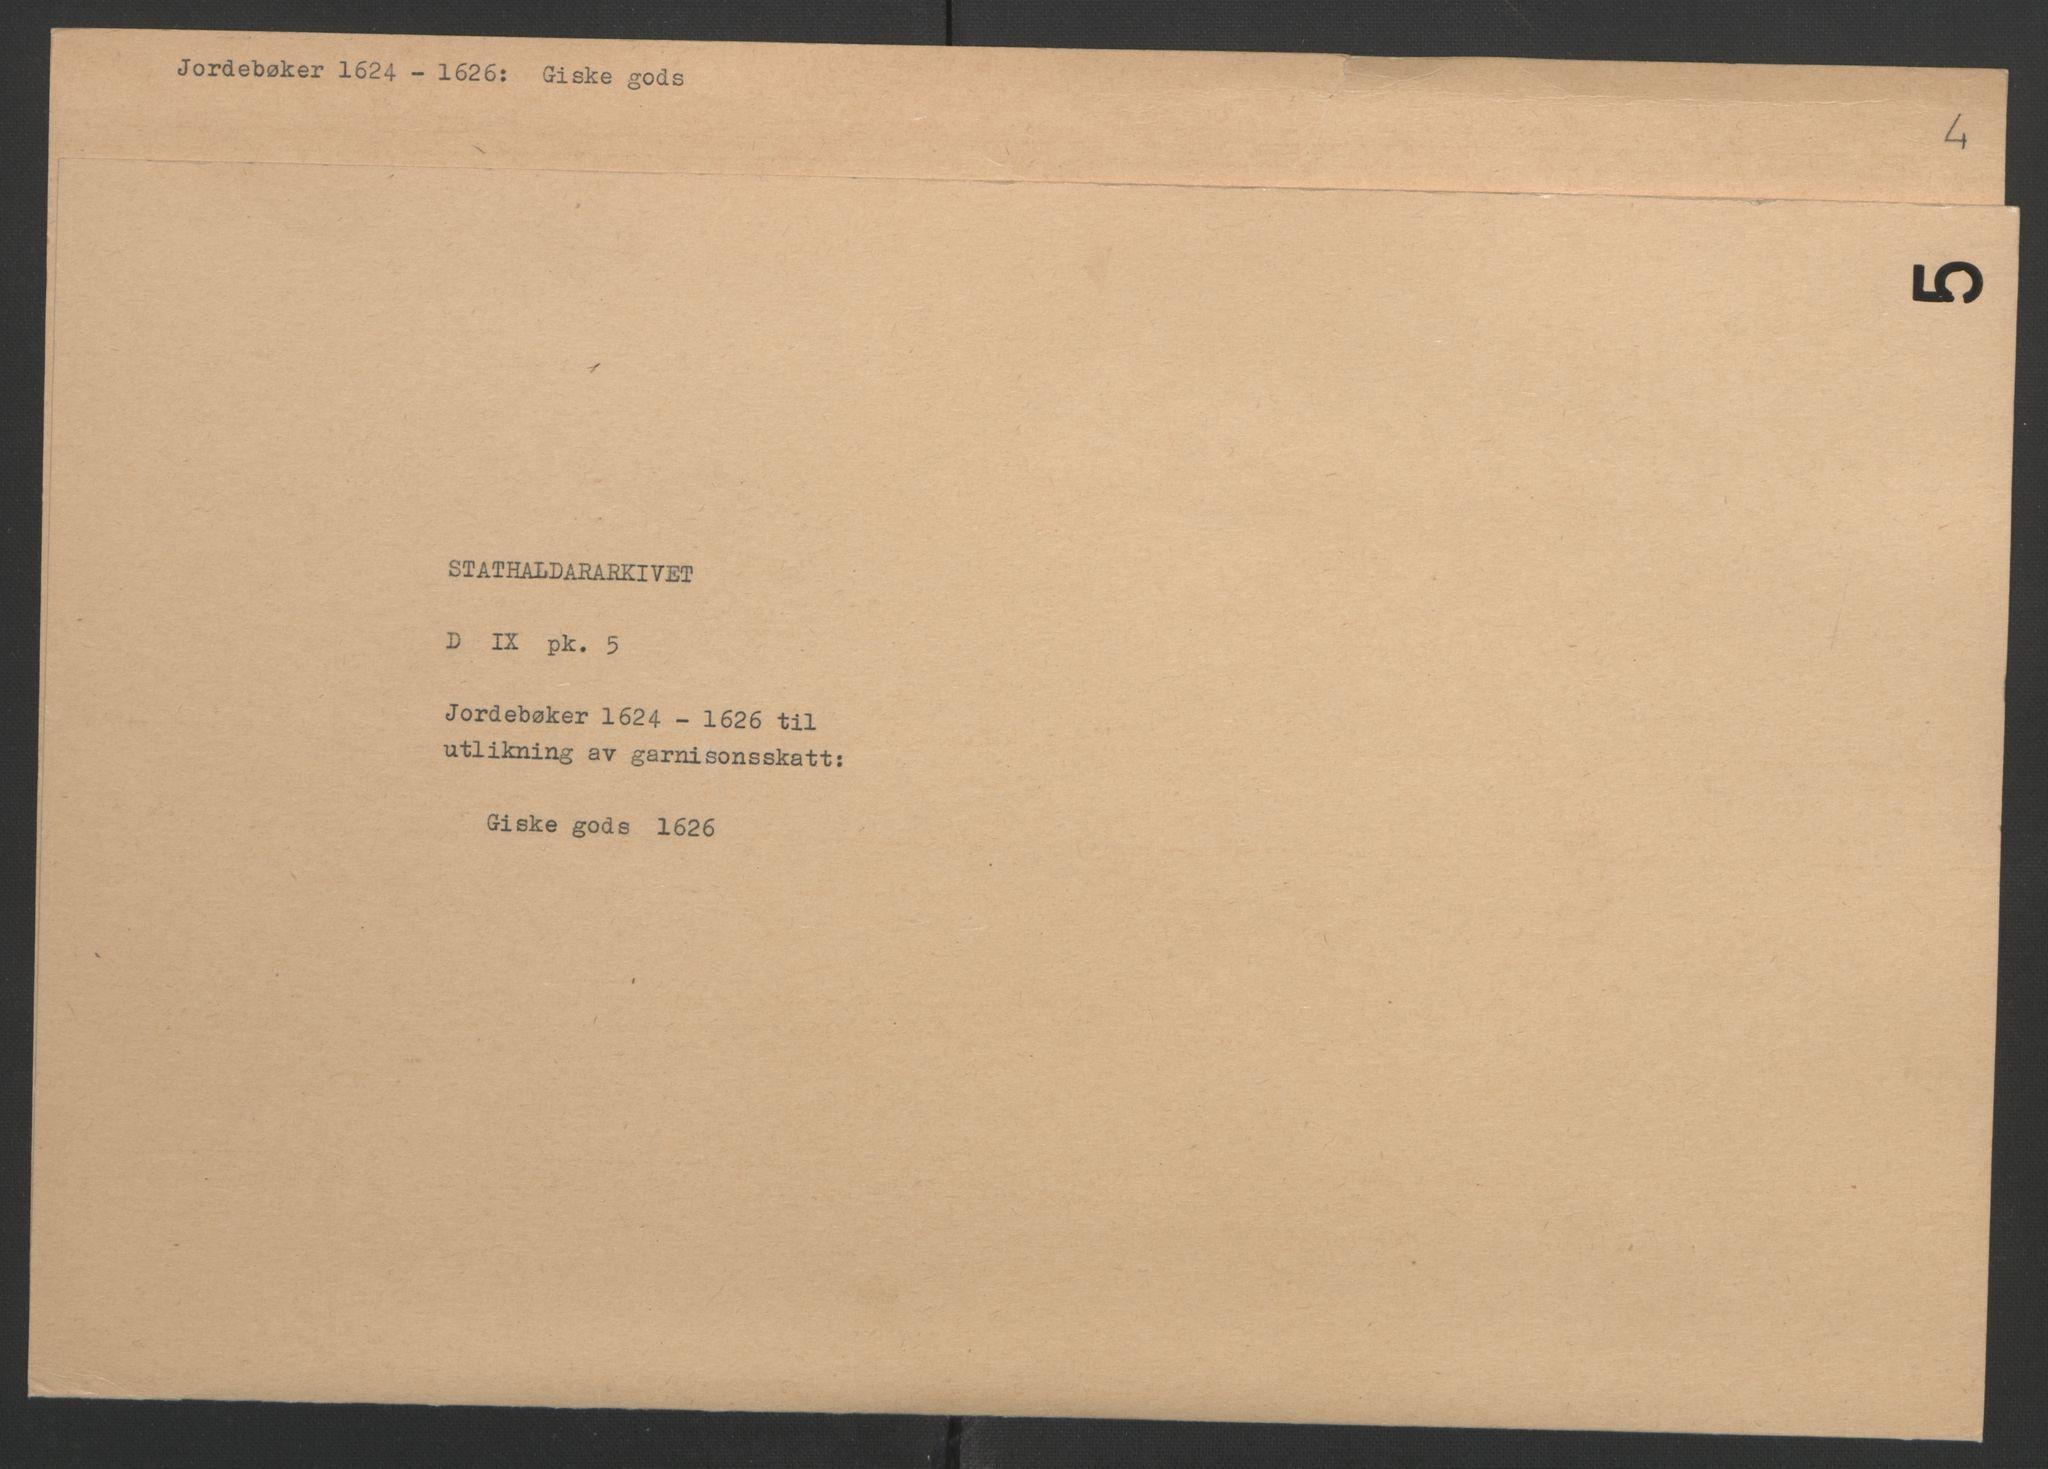 RA, Stattholderembetet 1572-1771, Ek/L0005: Jordebøker til utlikning av garnisonsskatt 1624-1626:, 1626, s. 230